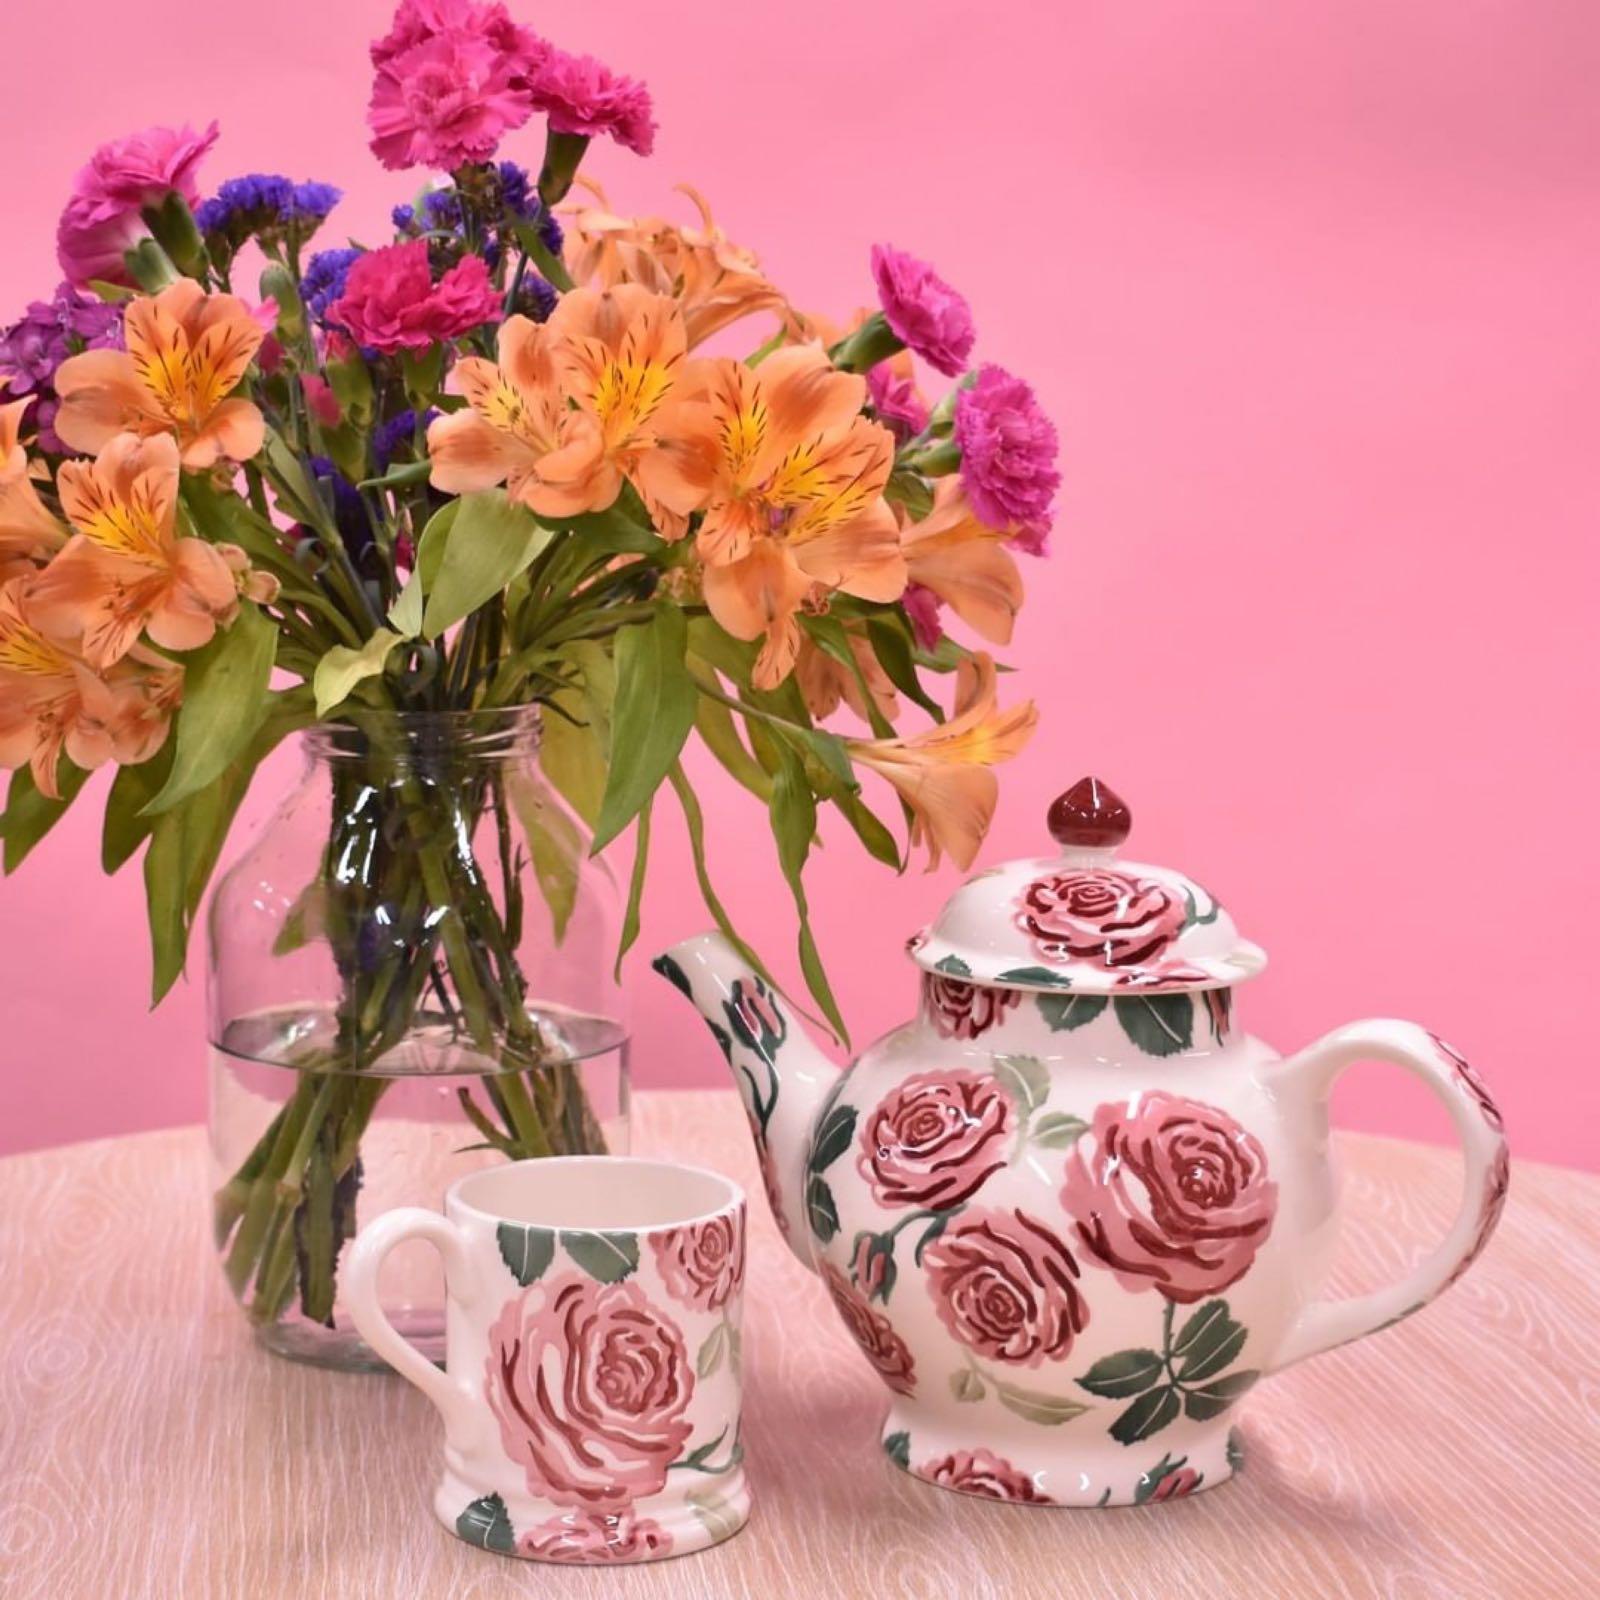 Emma Bridgewater Pink Roses 1/2 Pint Mug